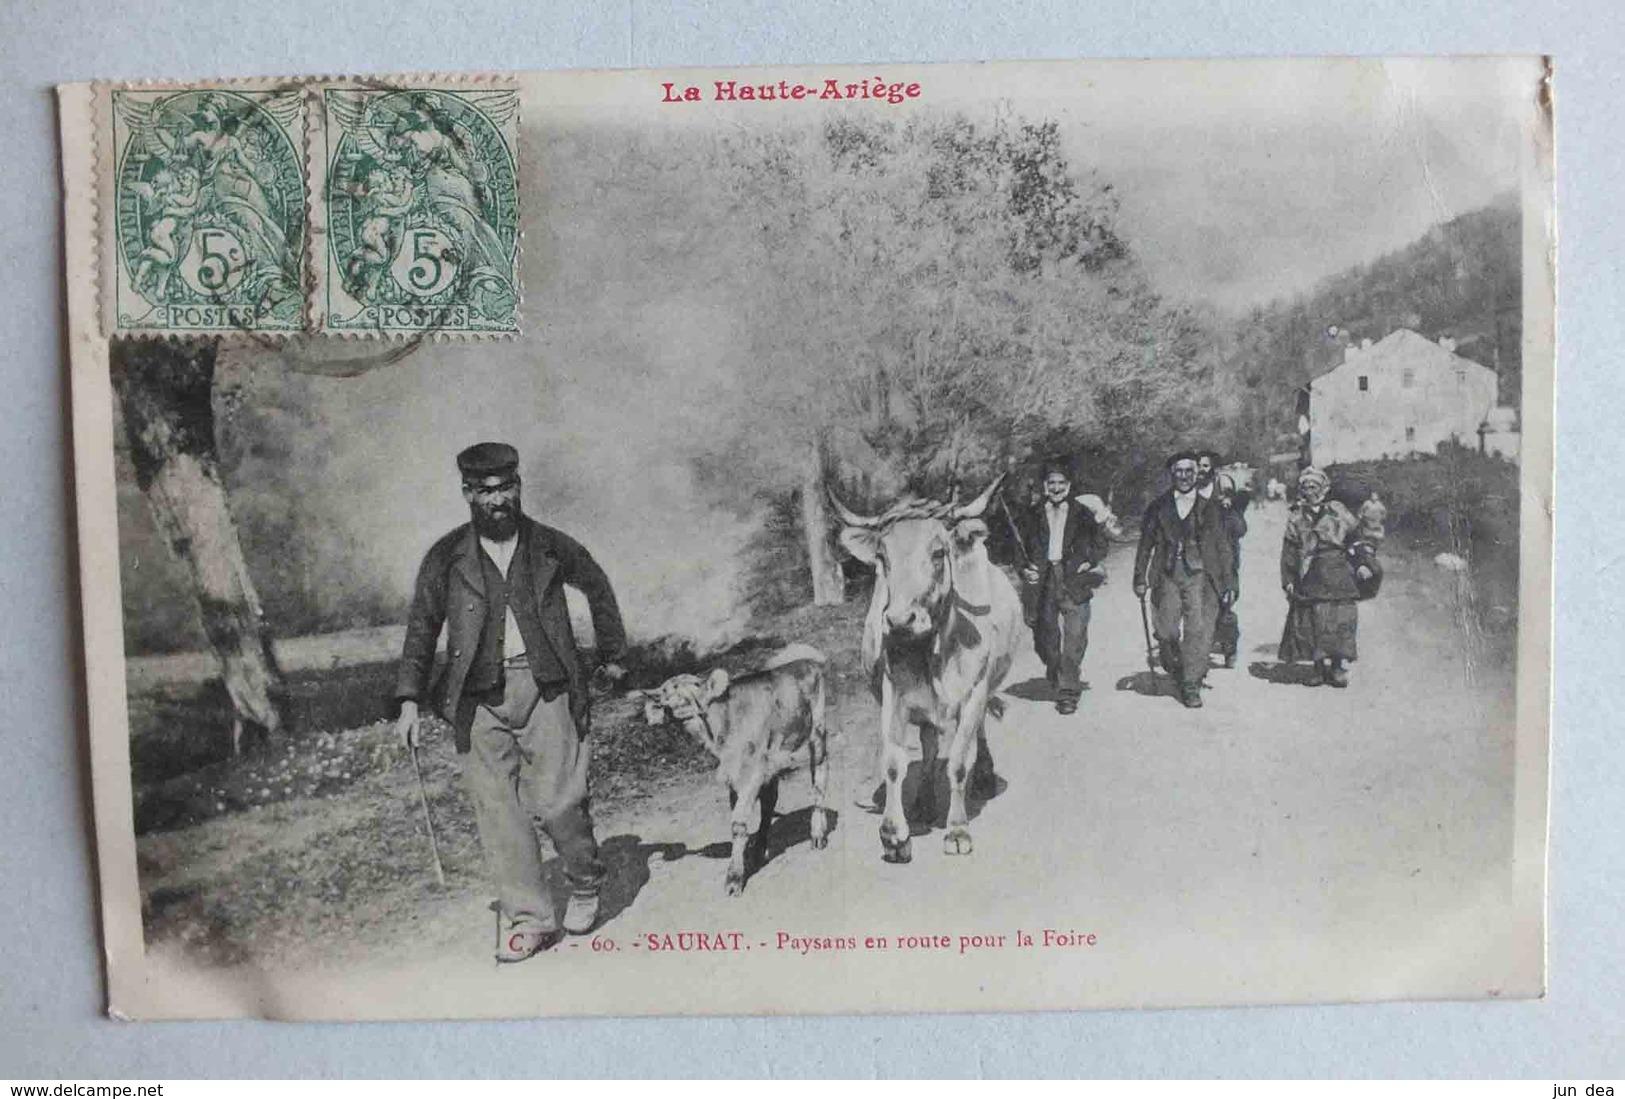 SAURAT - PAYSANS EN ROUTE POUR LA FOIRE  - LA HAUTE ARIEGE - C S 60 - France